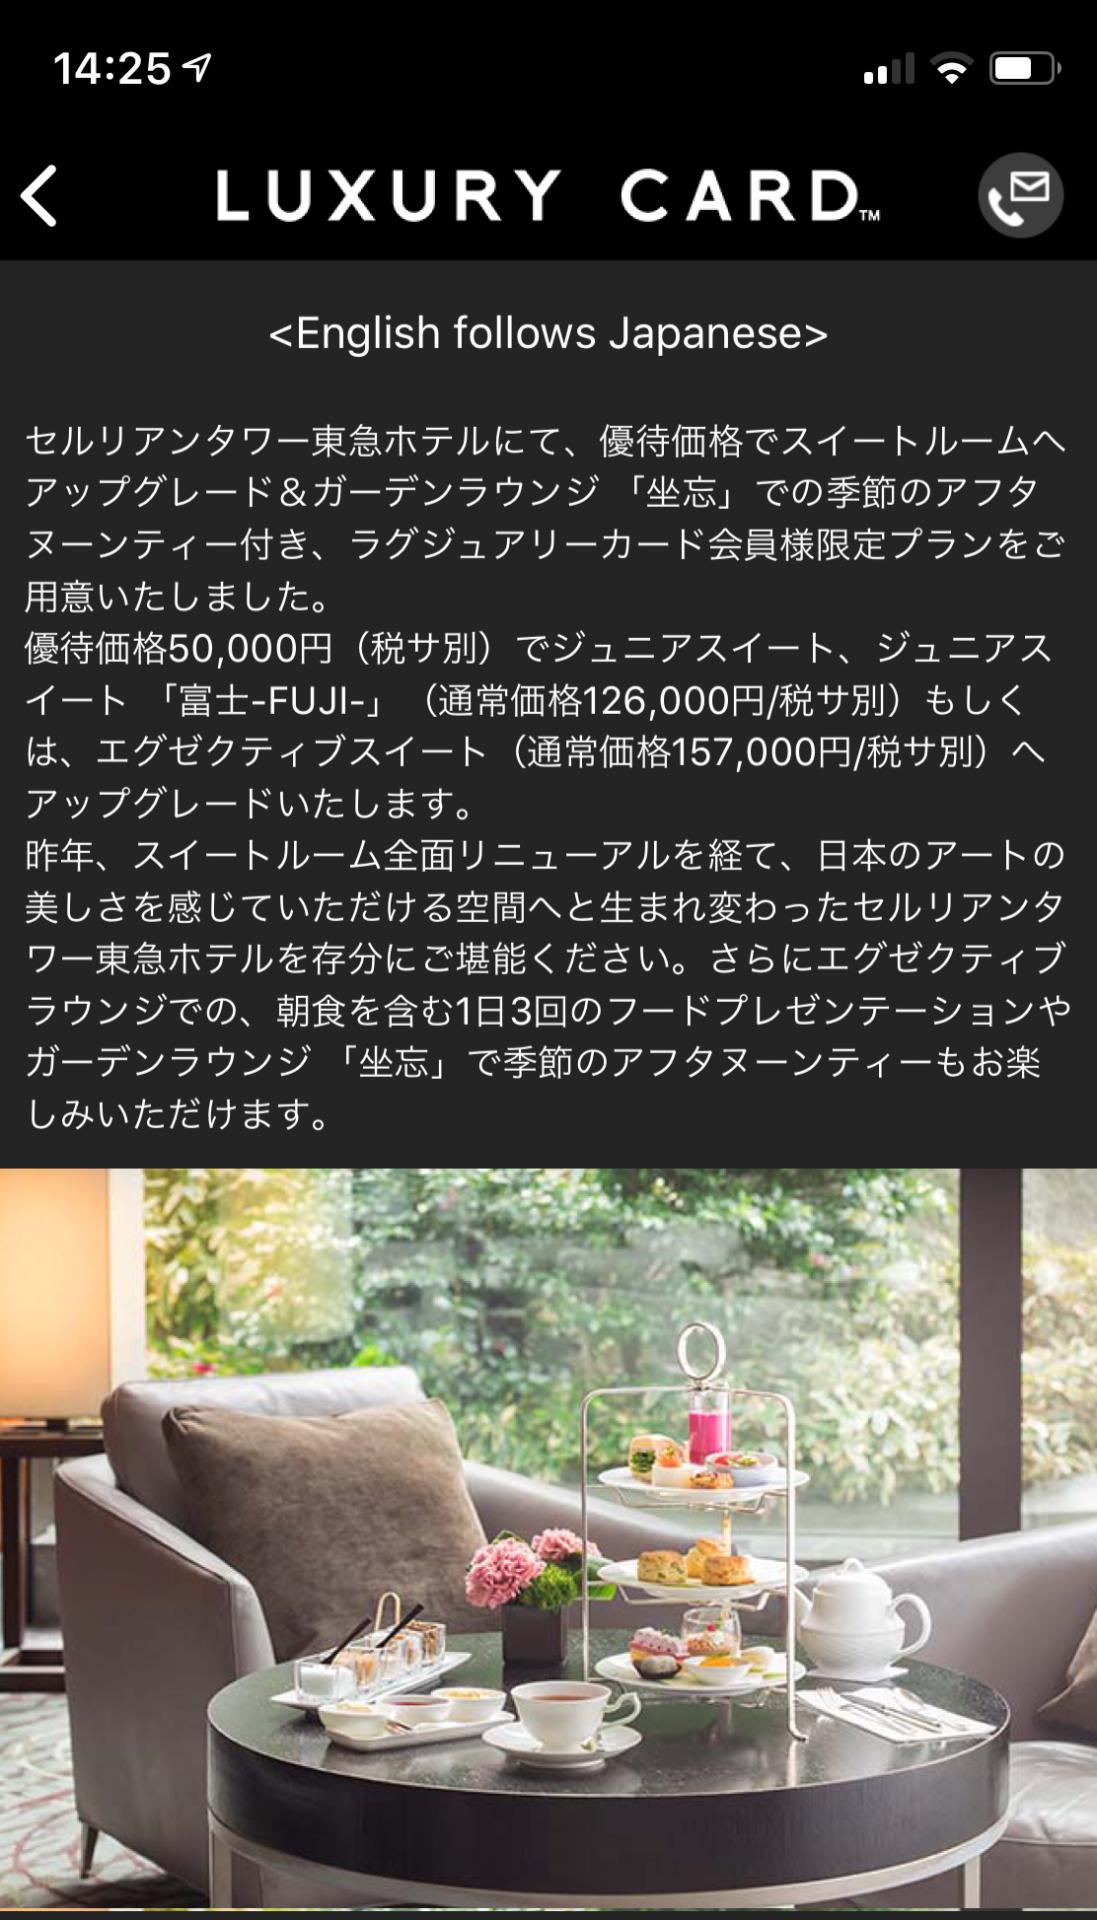 ラグジュアリーカードのセルリアンタワー東急ホテル宿泊プラン (2)